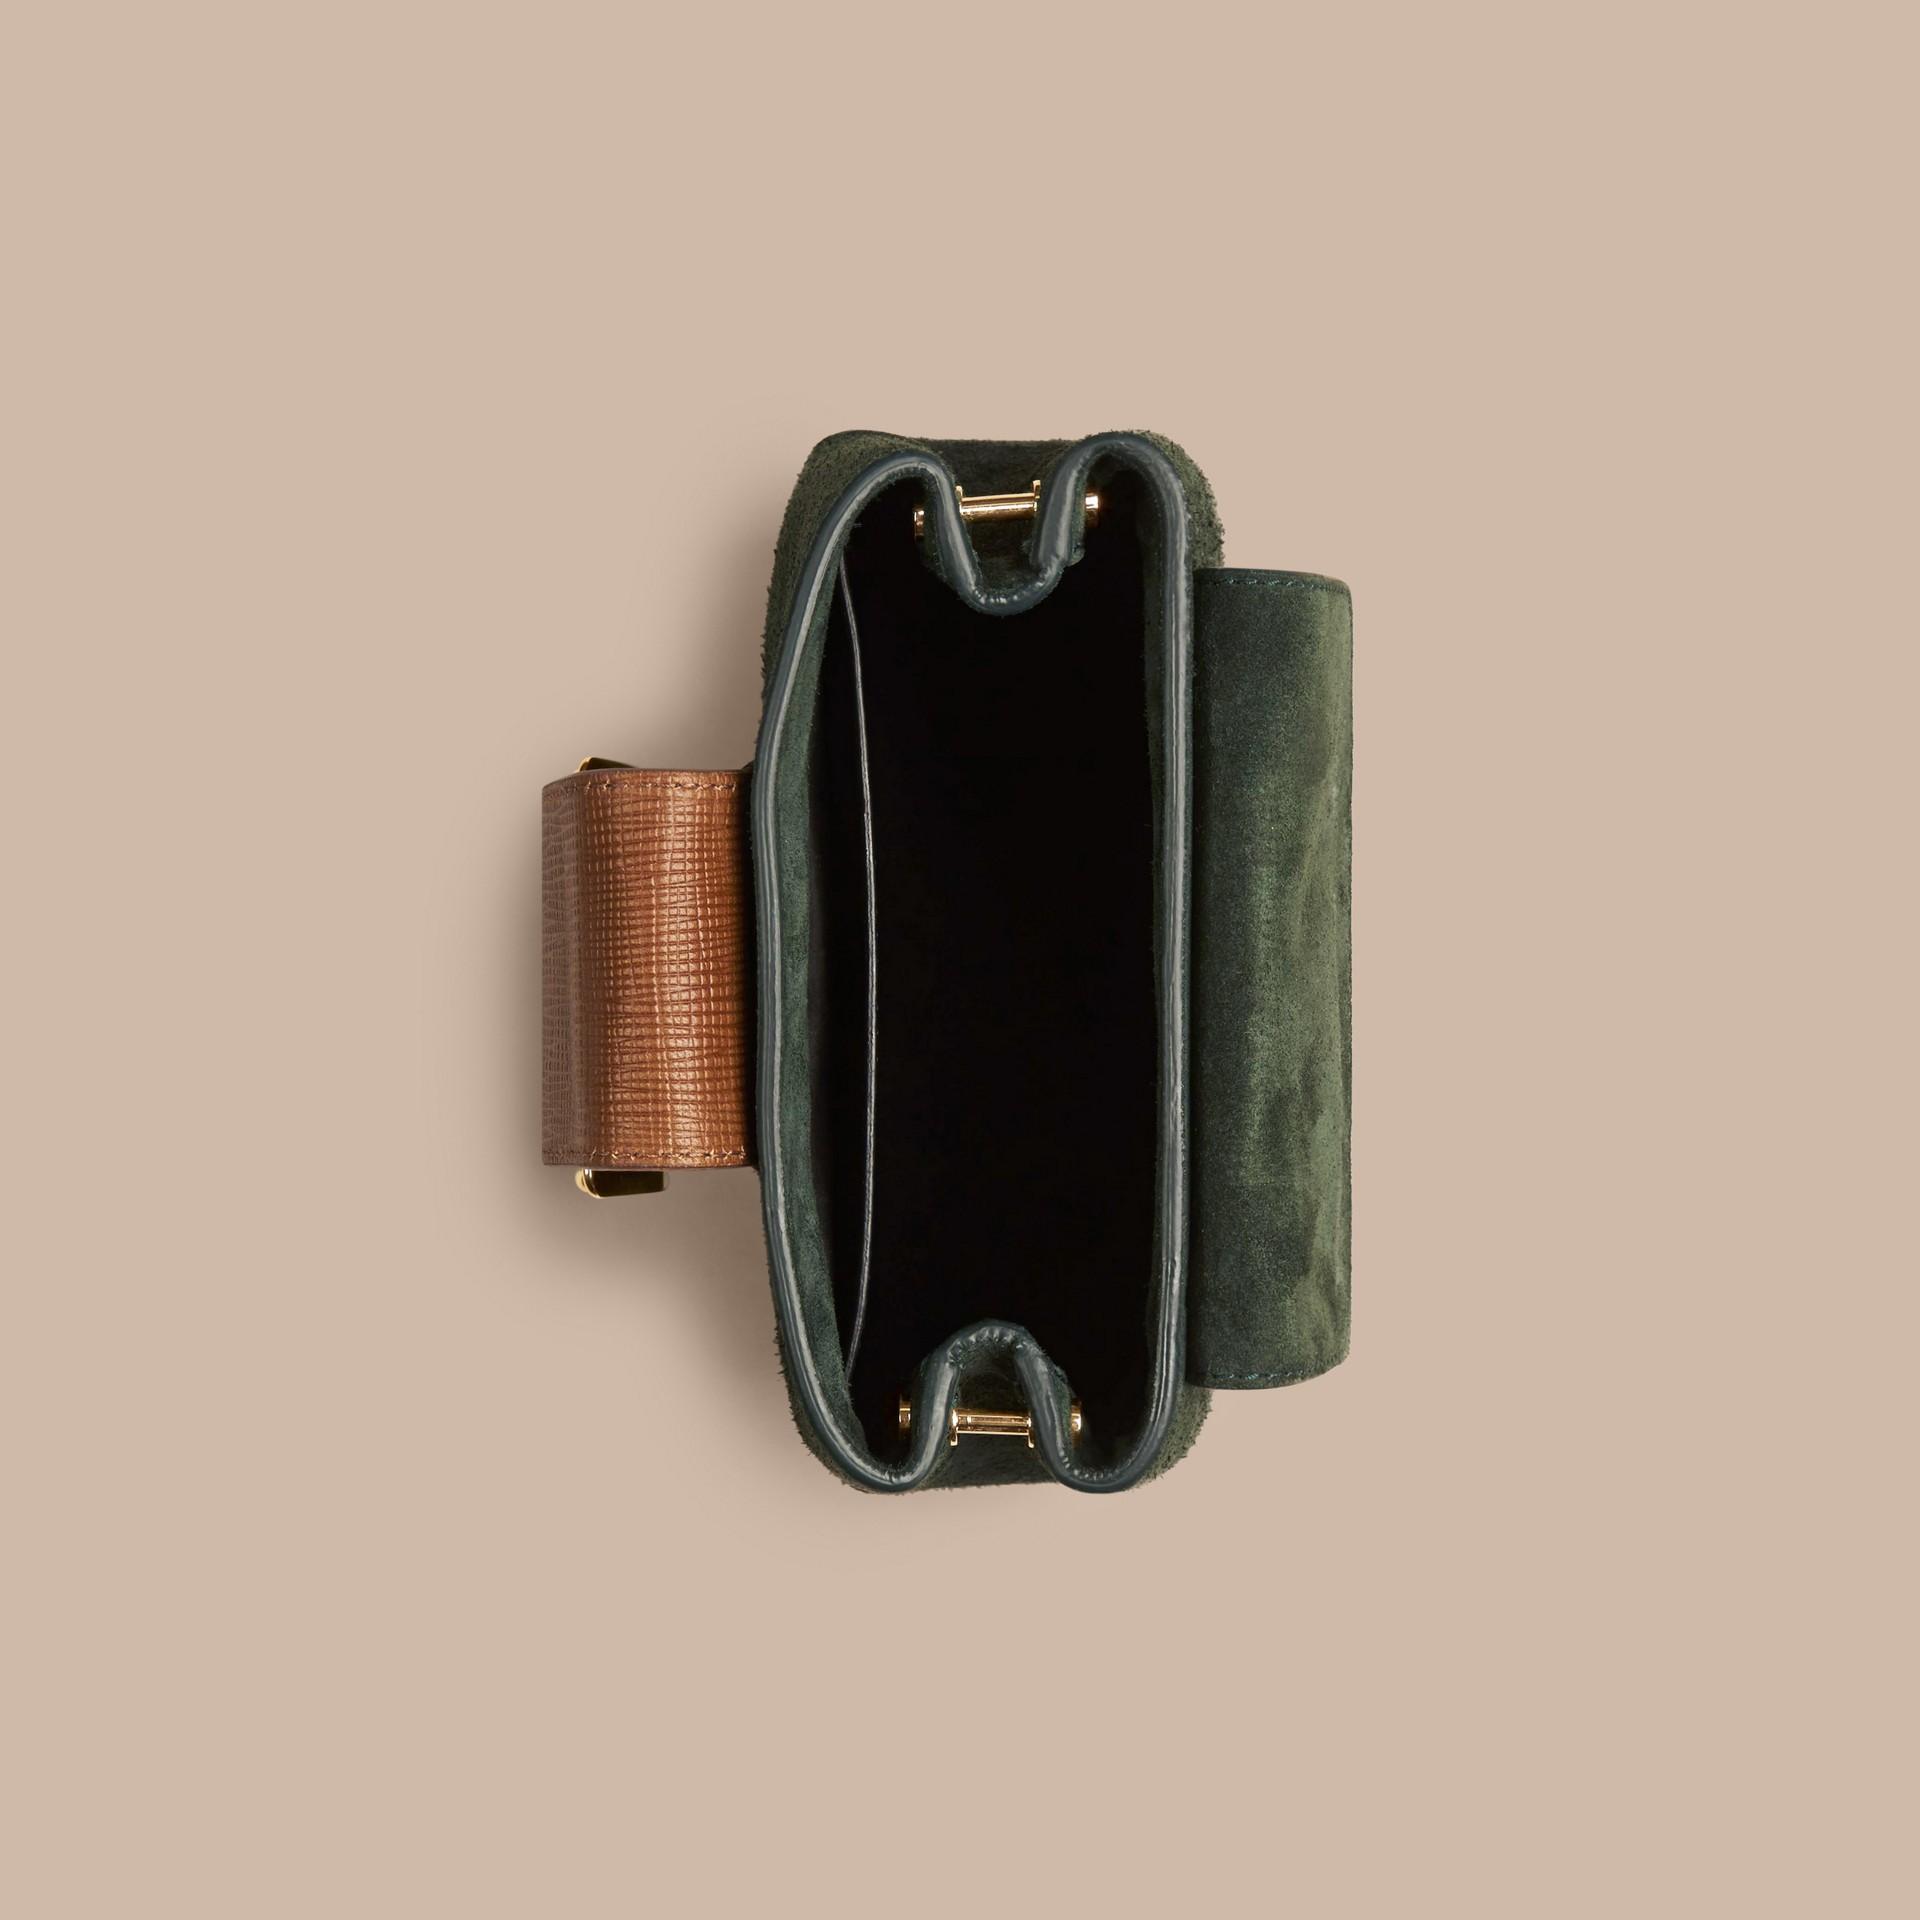 Verde foresta scuro Borsa The Buckle quadrata piccola in pelle scamosciata e pelle Verde Foresta Scuro - immagine della galleria 5